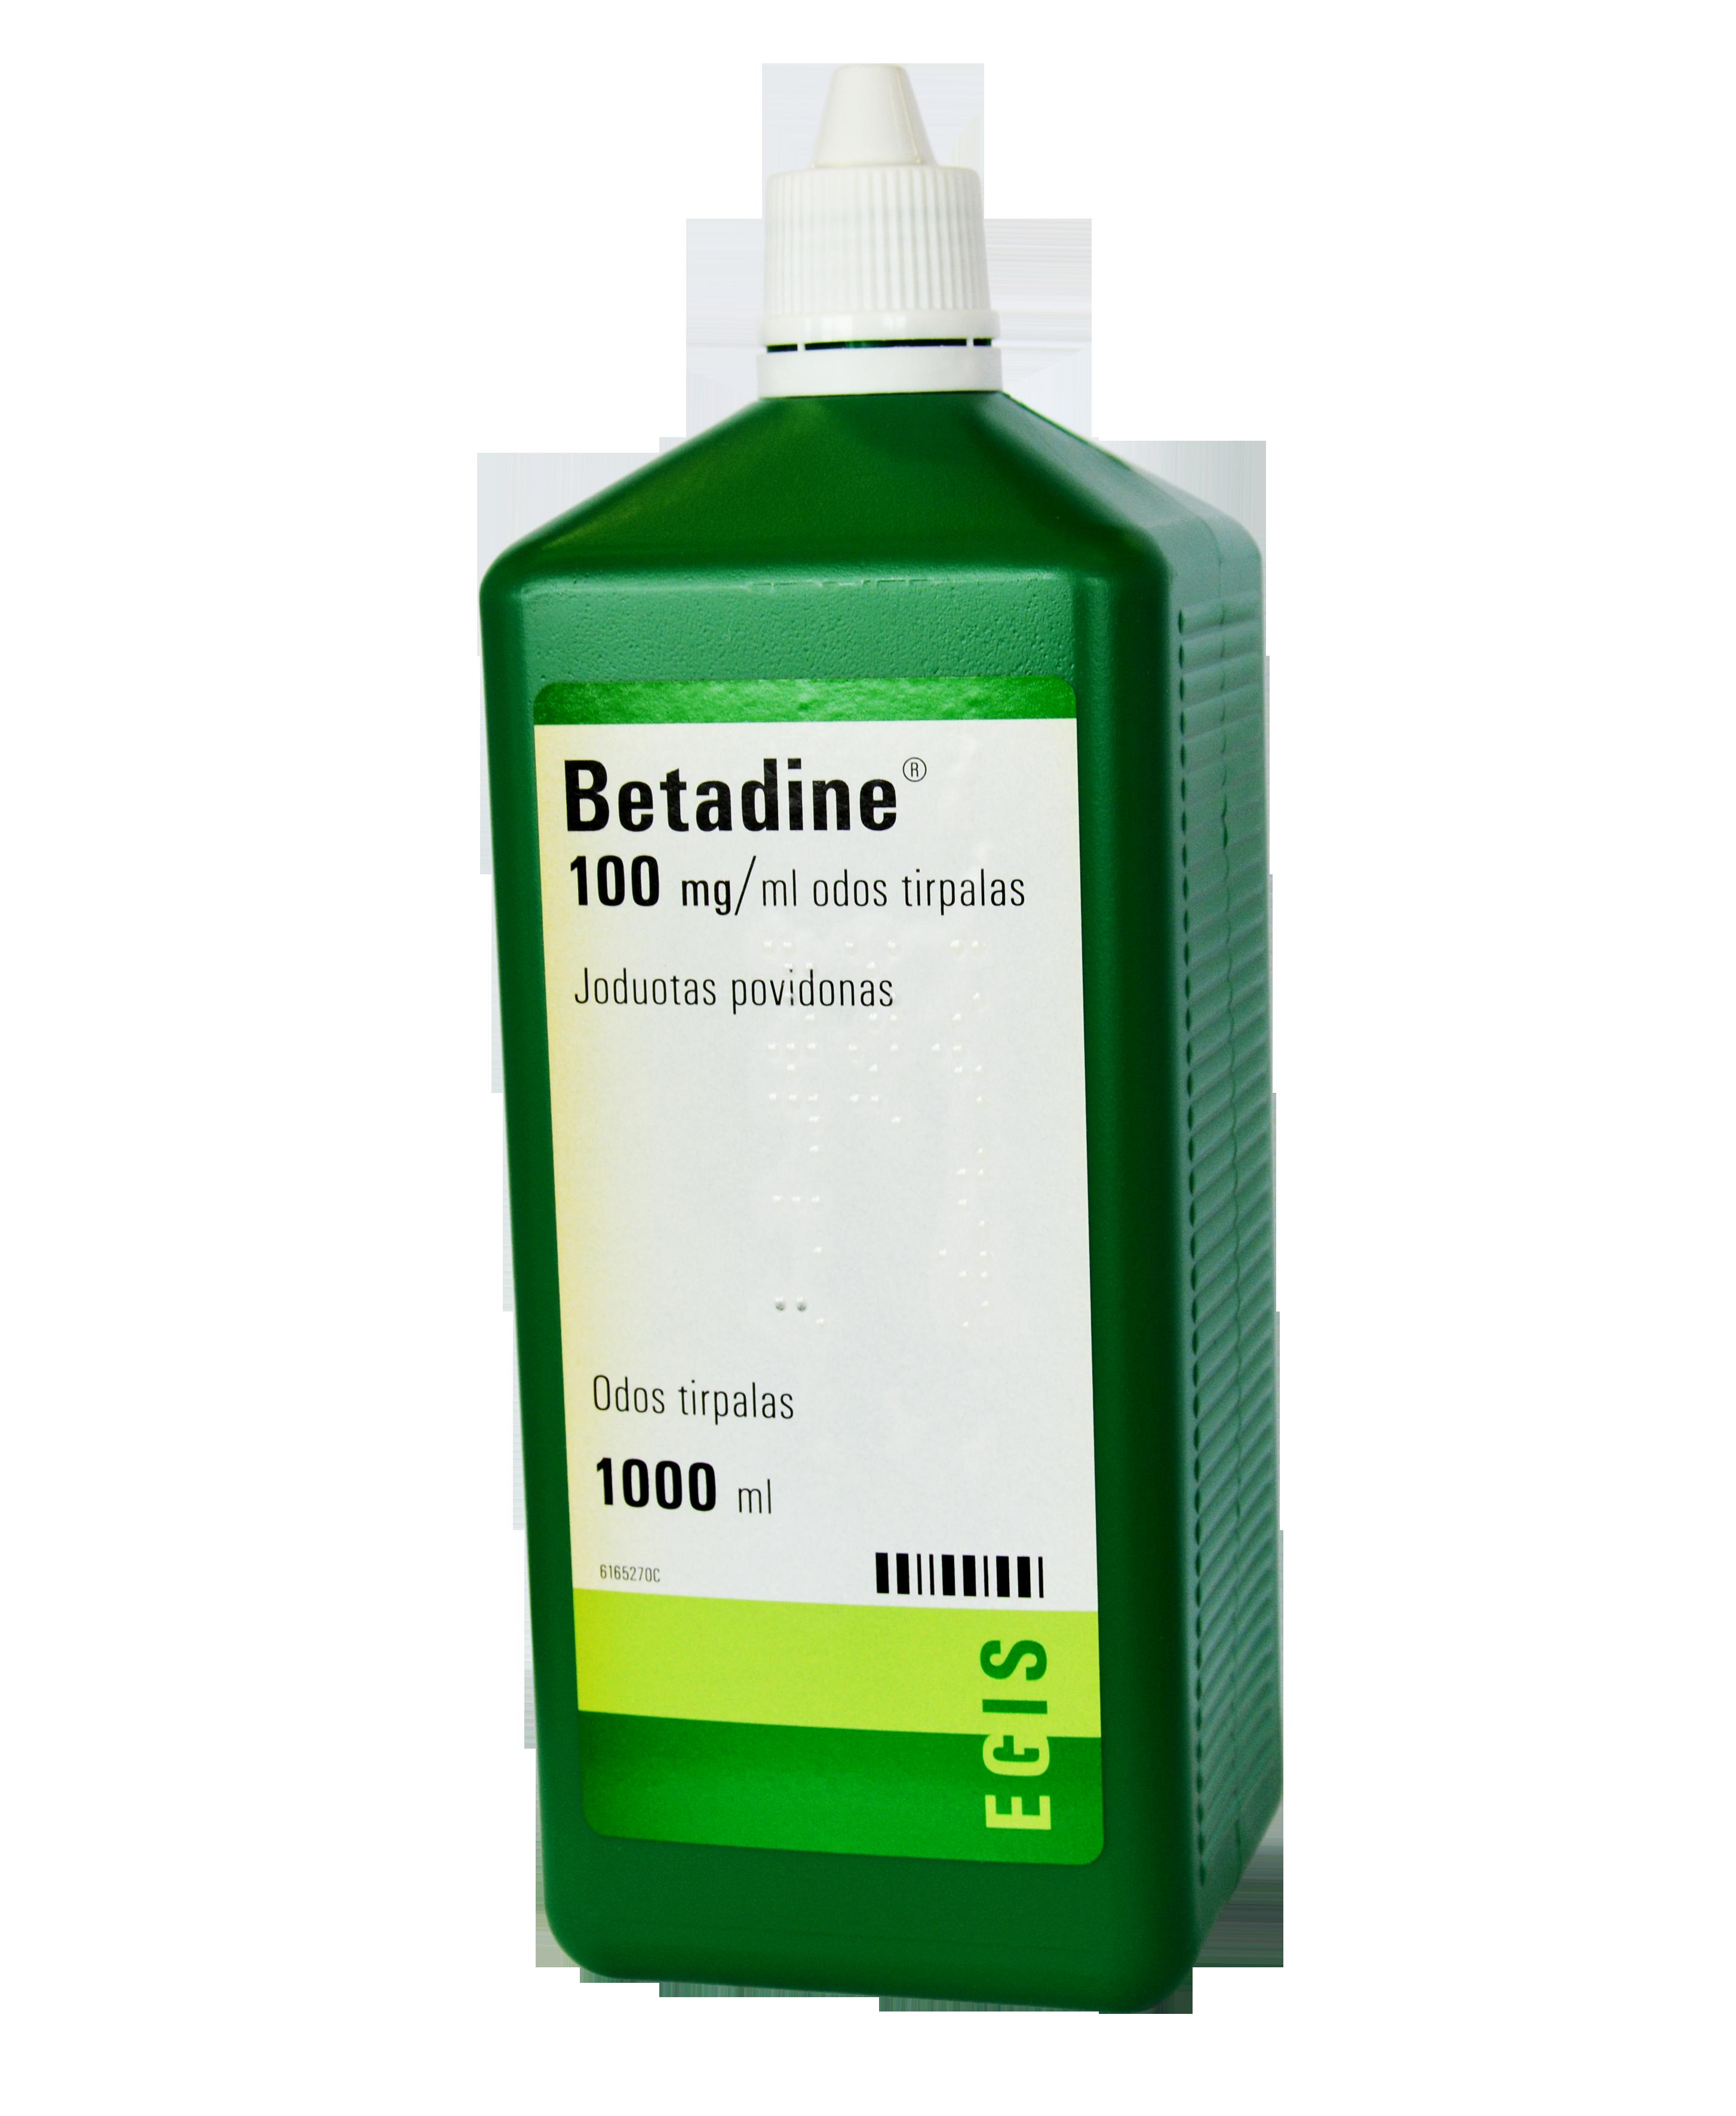 Betadine 1000 Ml Yra Antimikrobinis Dezinfekuojantis Vaistas 5 Naikinantis Bakterijas Grybelius Sporas Virusus